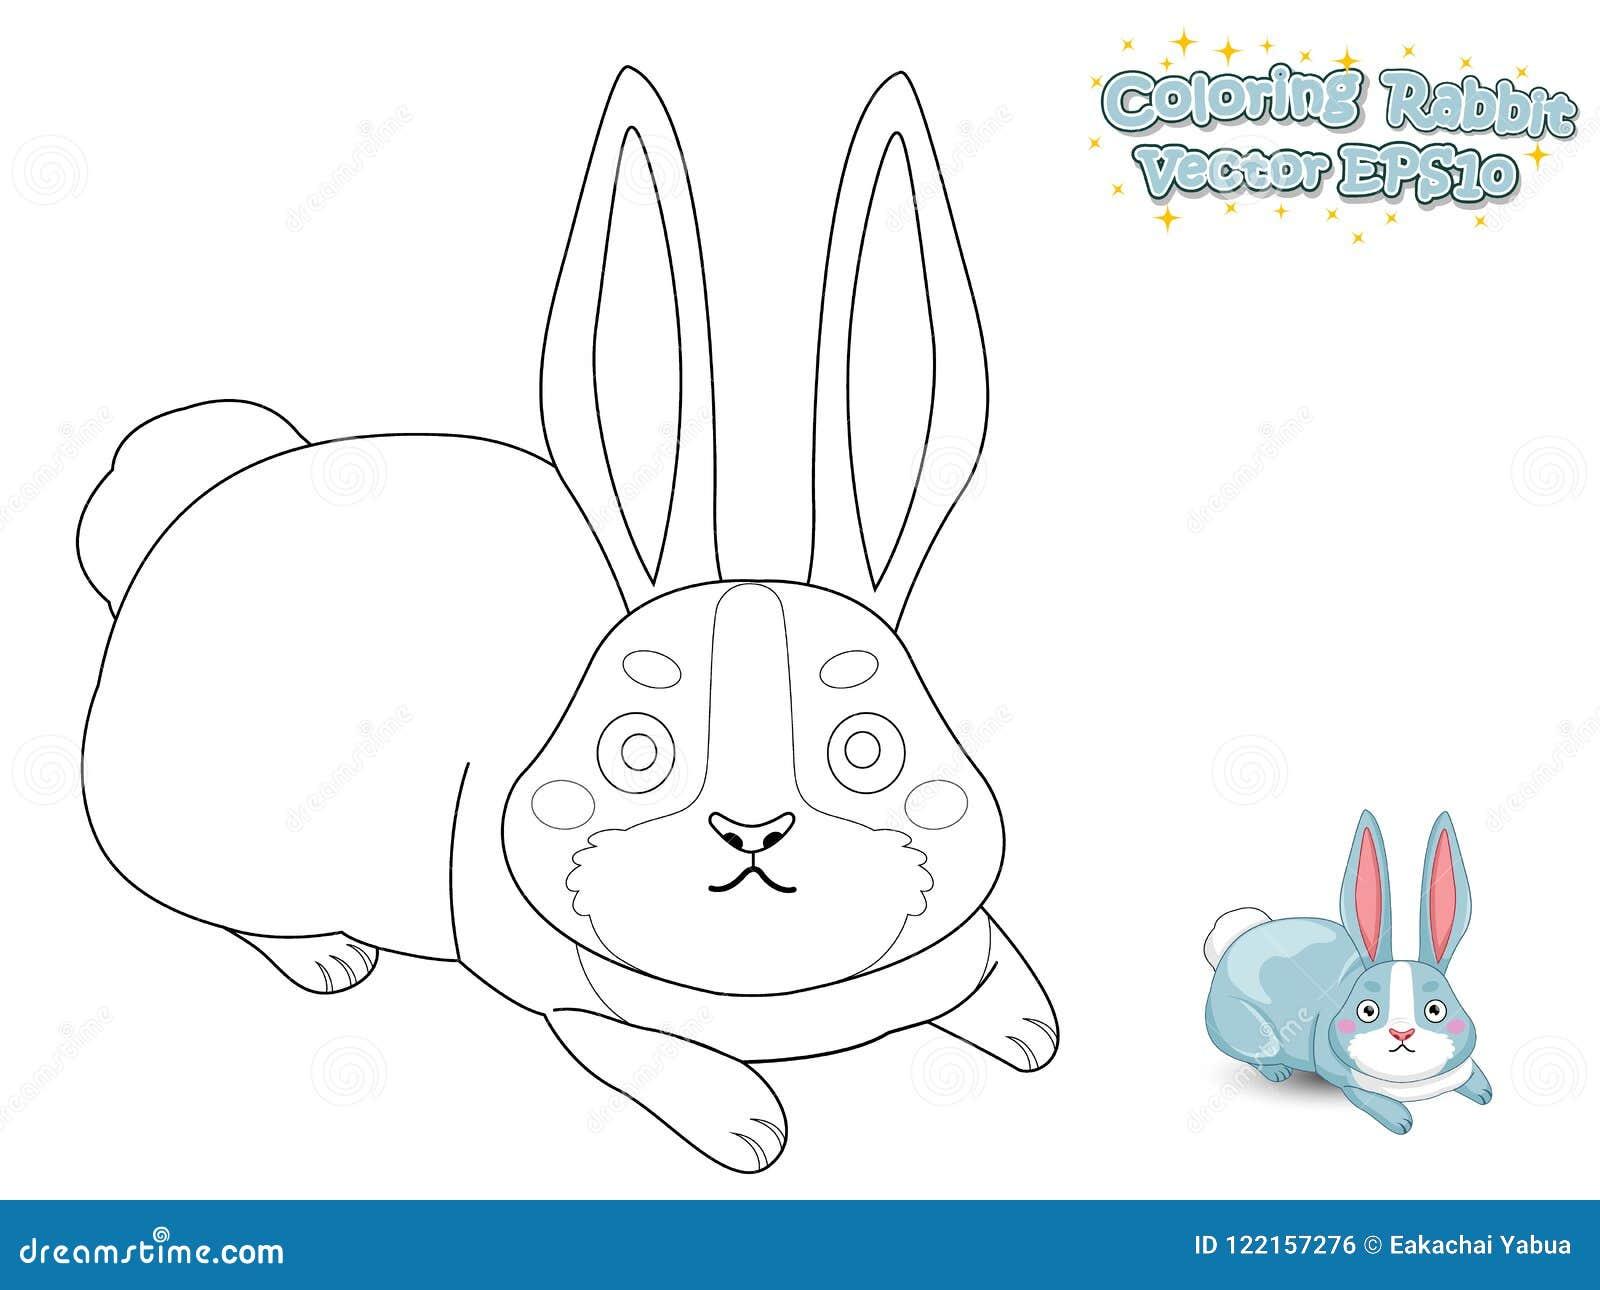 coloring cute cartoon rabbit educational game kids vec coloring cute cartoon rabbit educational game kids vector